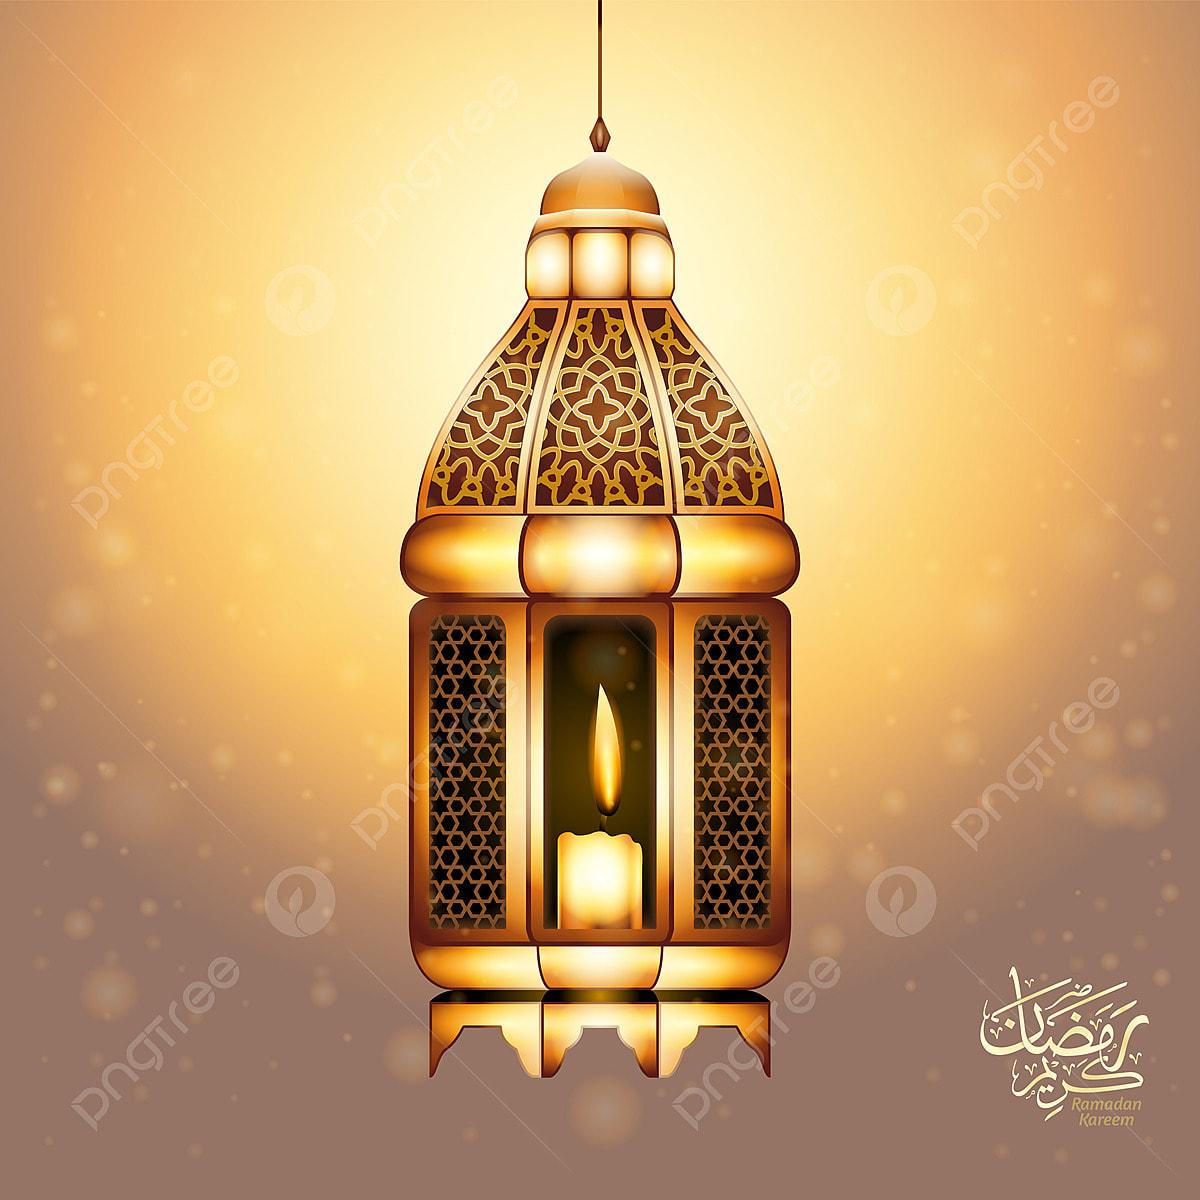 Ramadan Kareem Ucapan Latar Belakang Dengan Realistik Lilin